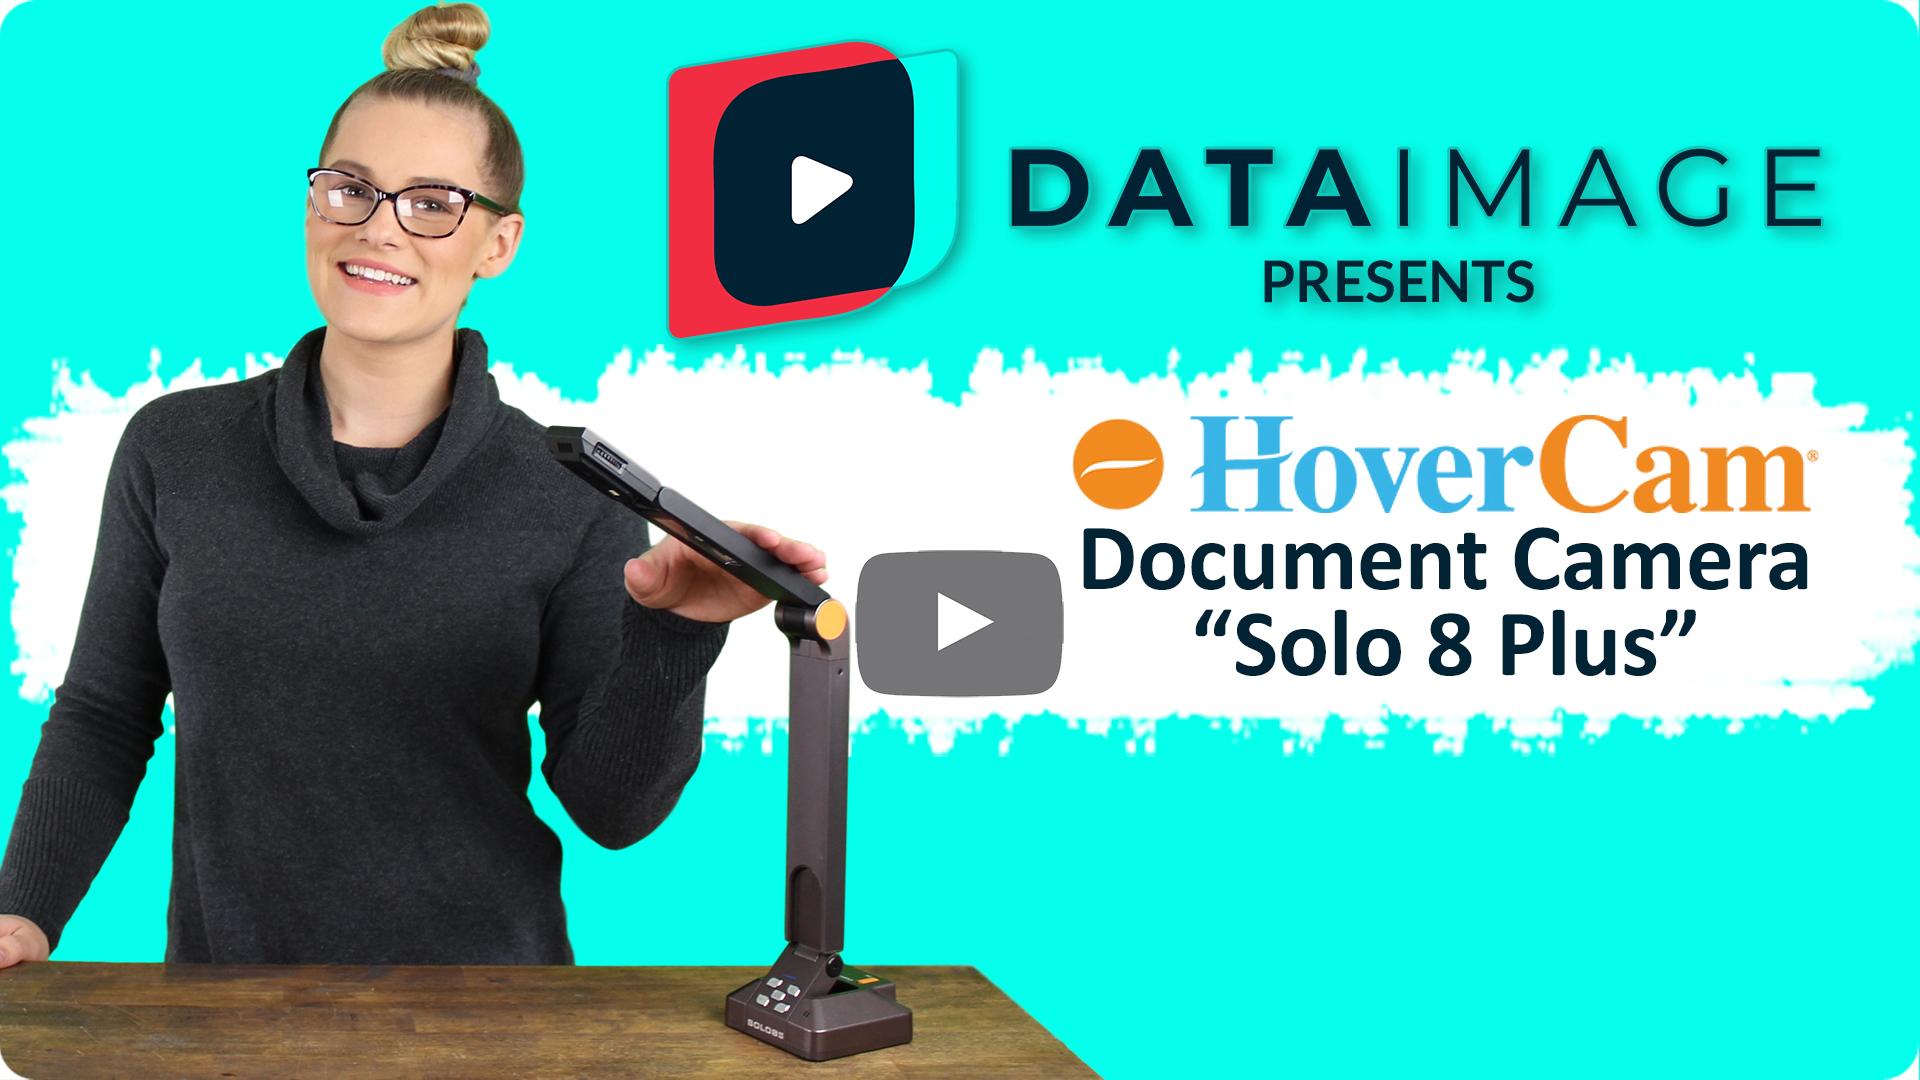 HoverCam Solo 8 Plus